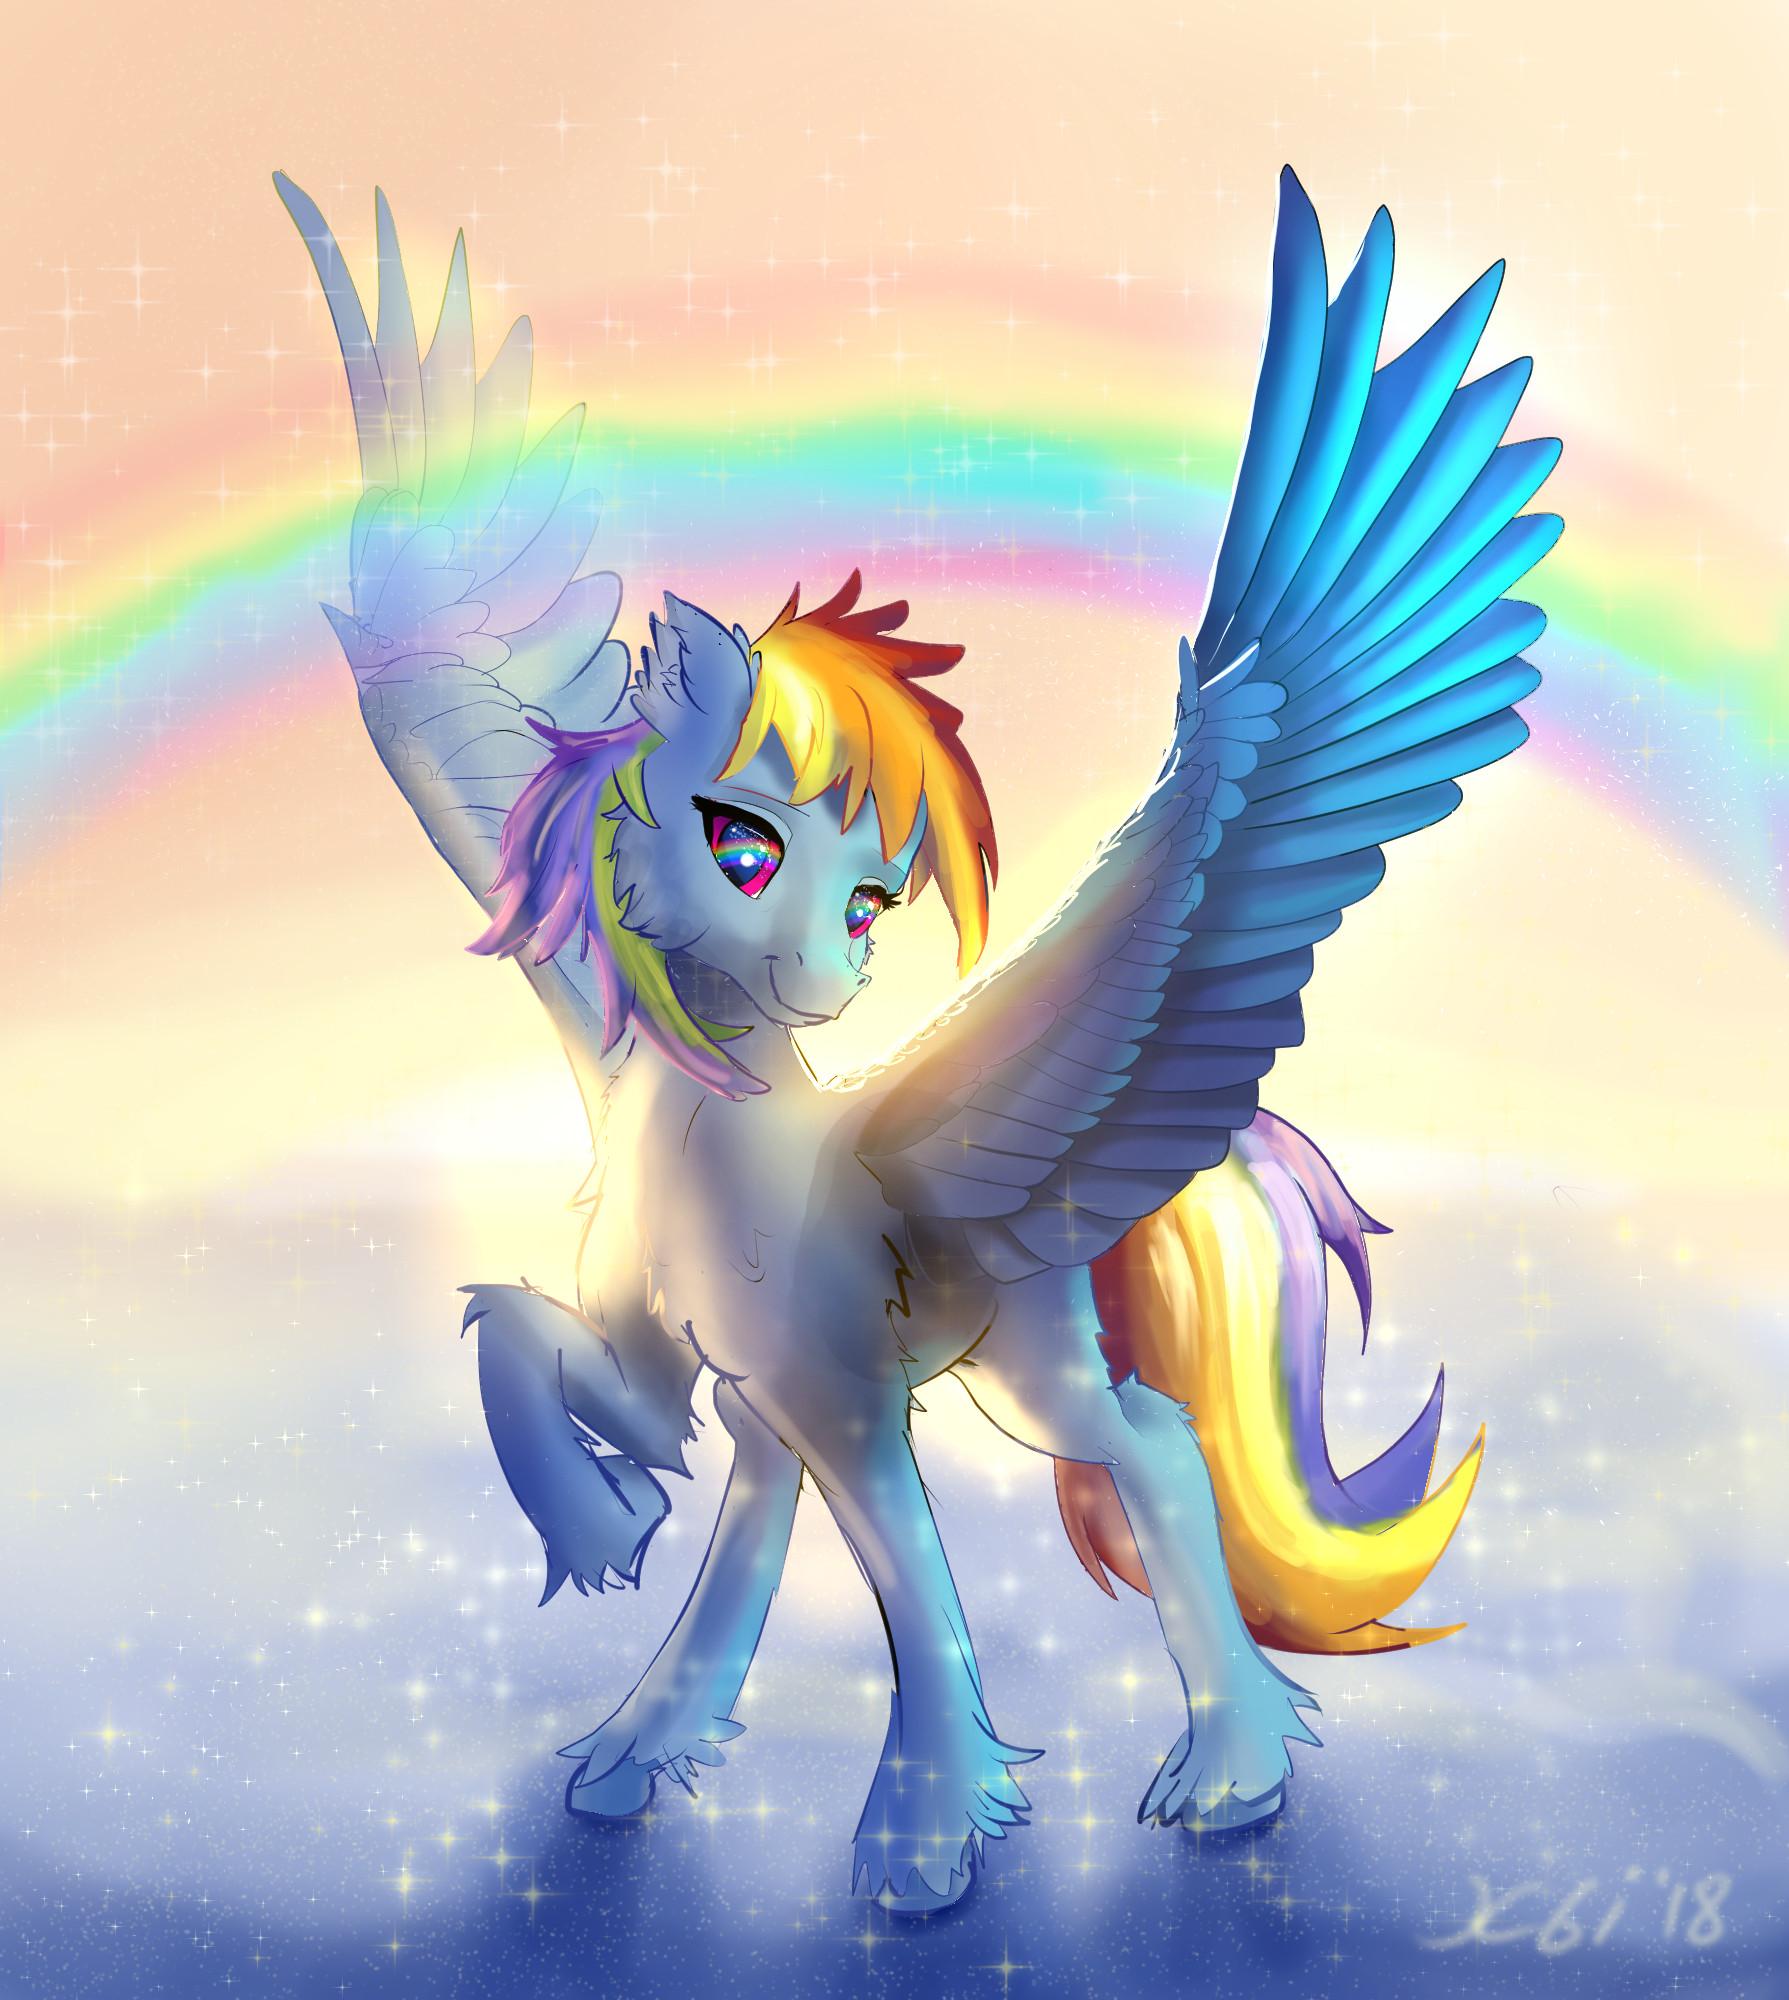 Rainbow Dash with rainbow